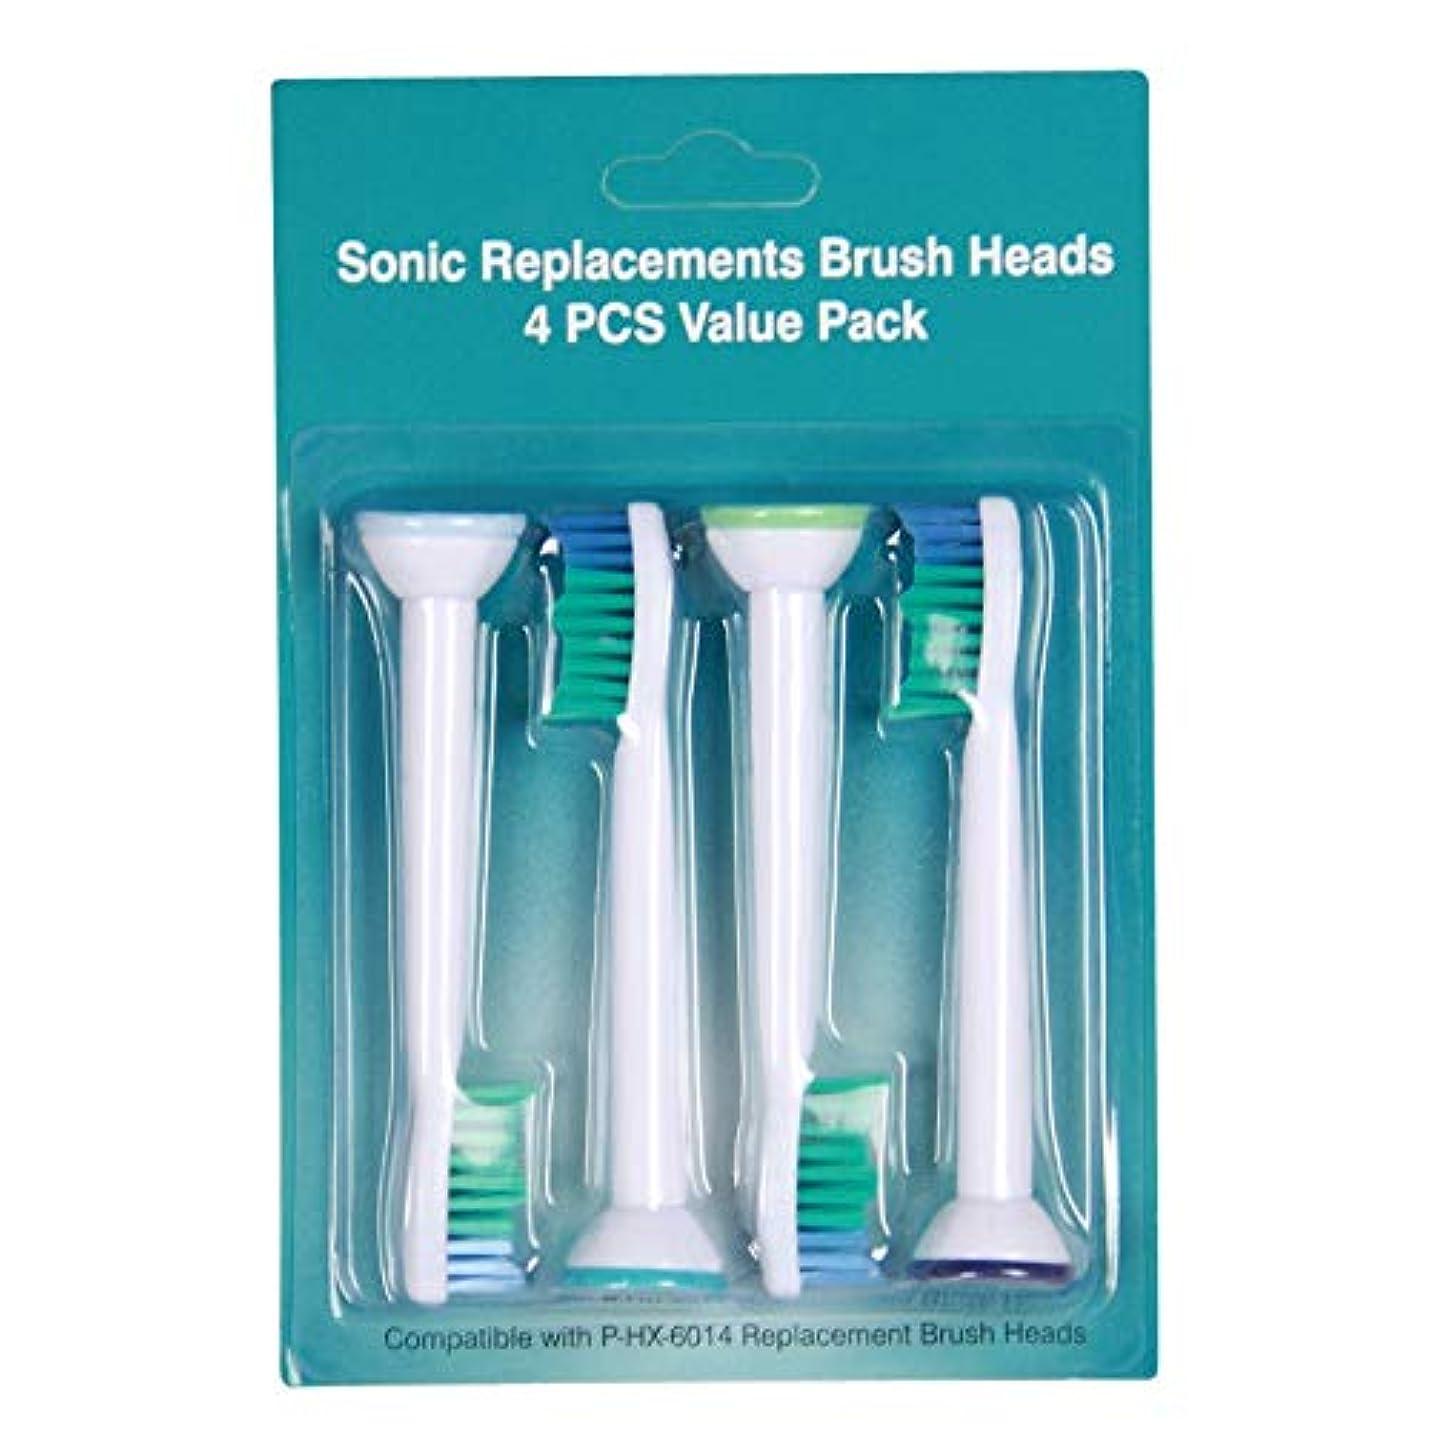 視線風邪をひく興奮Jicorzo - フィリップスソニッケアー電動歯ブラシ4本衛生ケアクリーン用NewView交換電動歯ブラシのヘッド